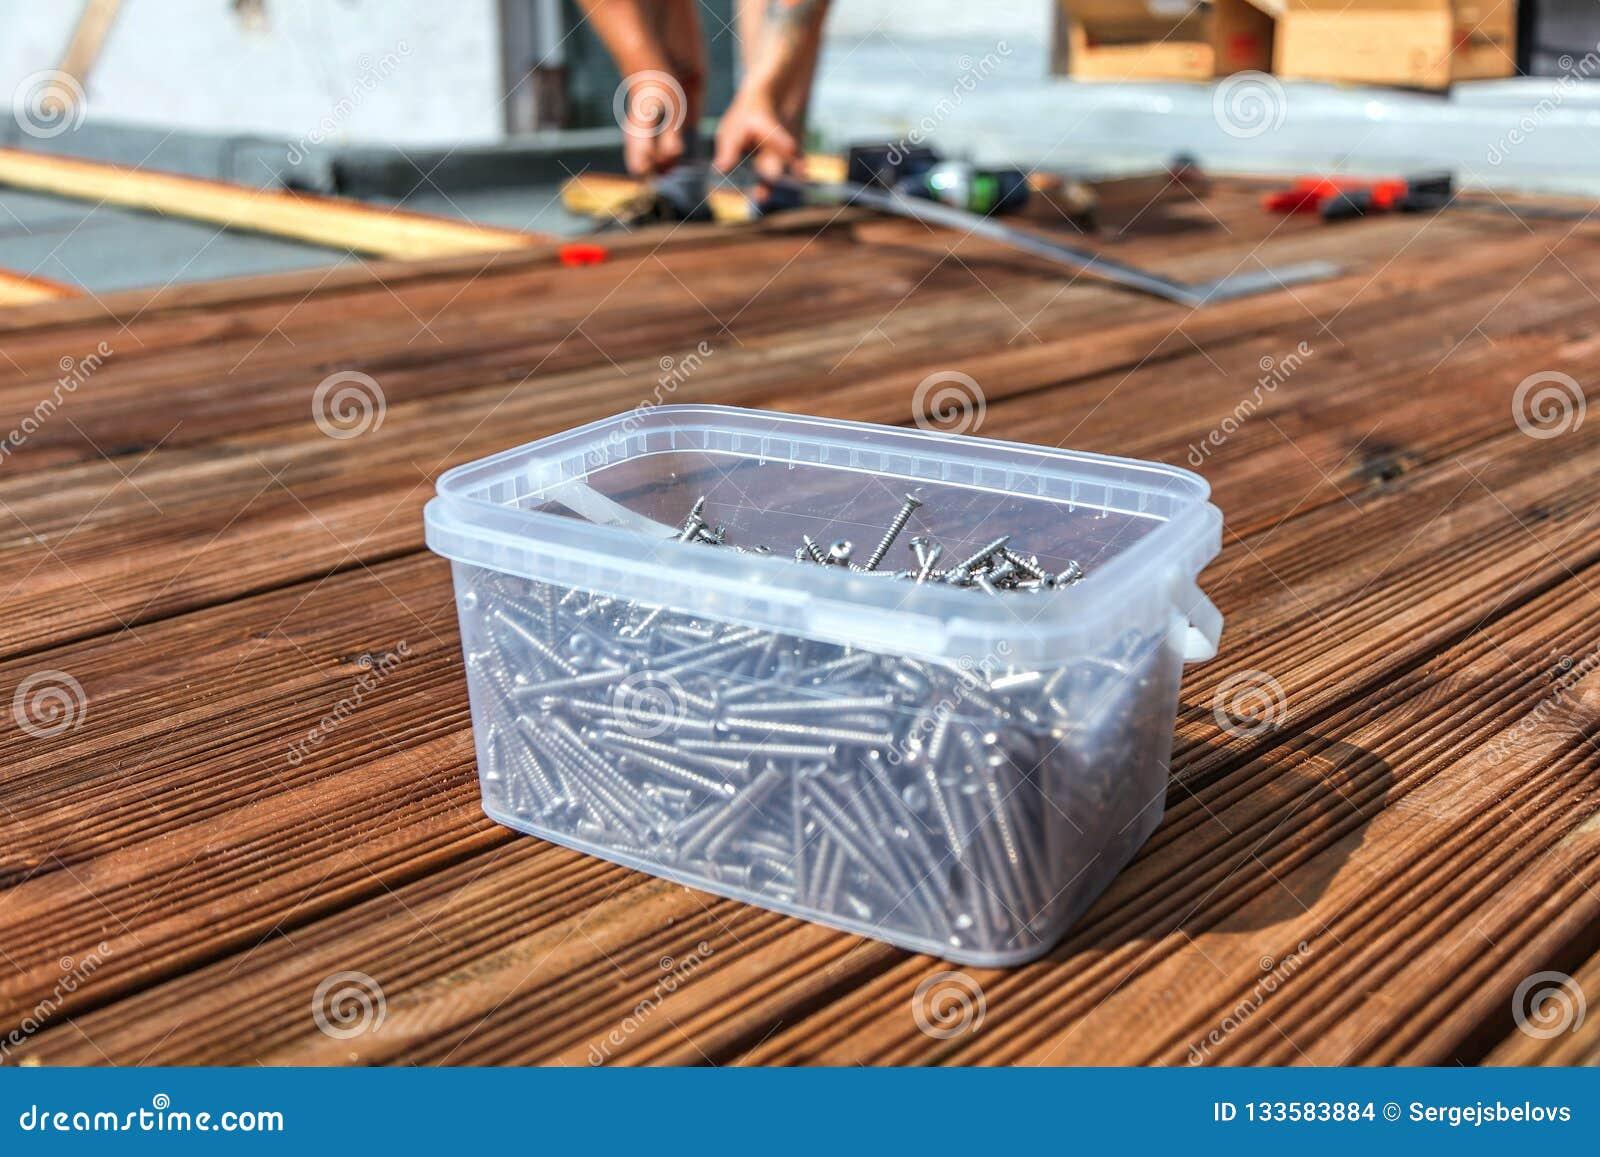 Construire Terrasse En Bois outils pour la construction d'un plancher ou d'une terrasse